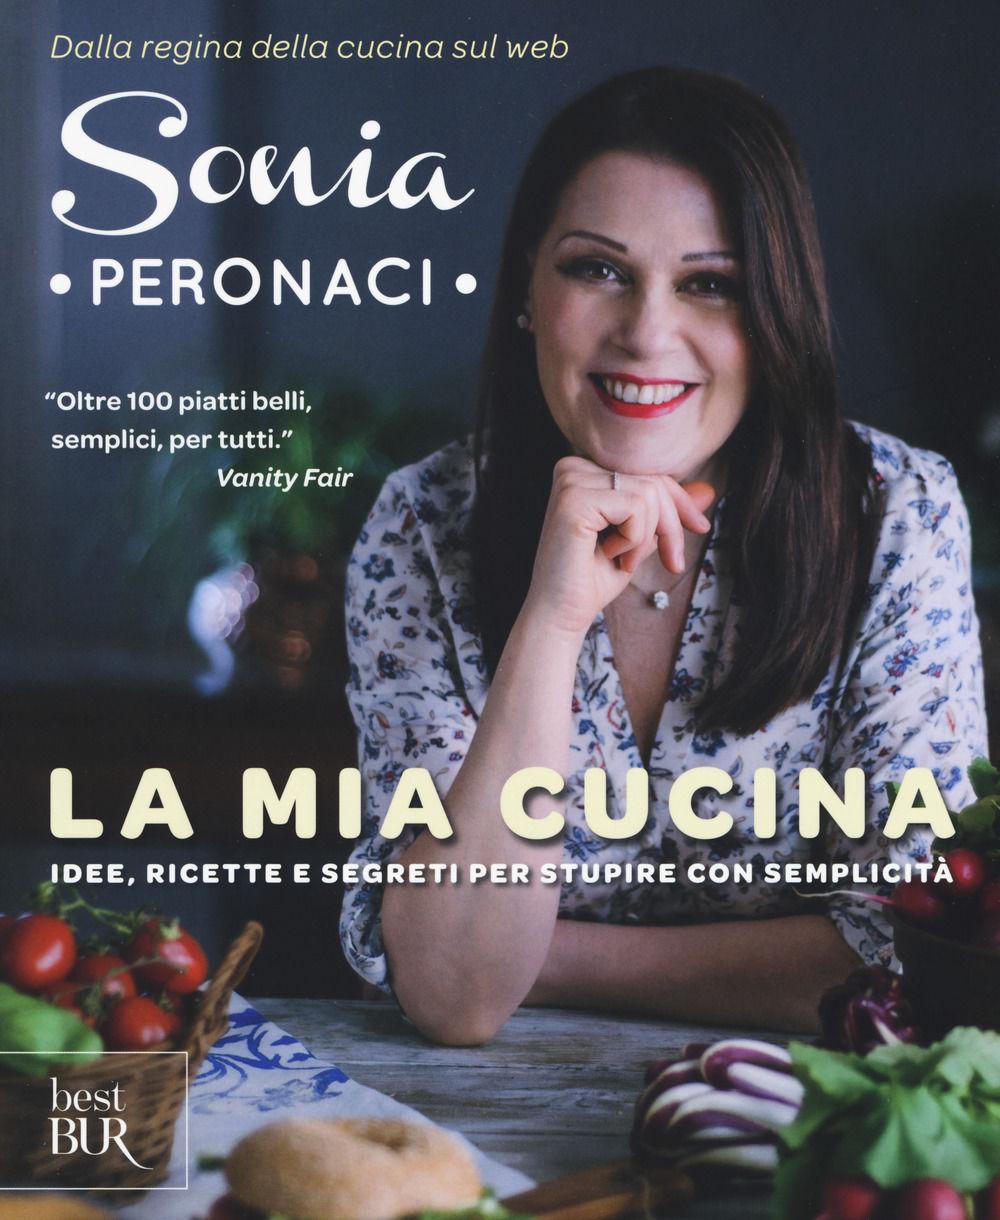 La-mia-cucina-Idee-ricette-e-segreti-per-stupire-con-se-Peronaci-Sonia